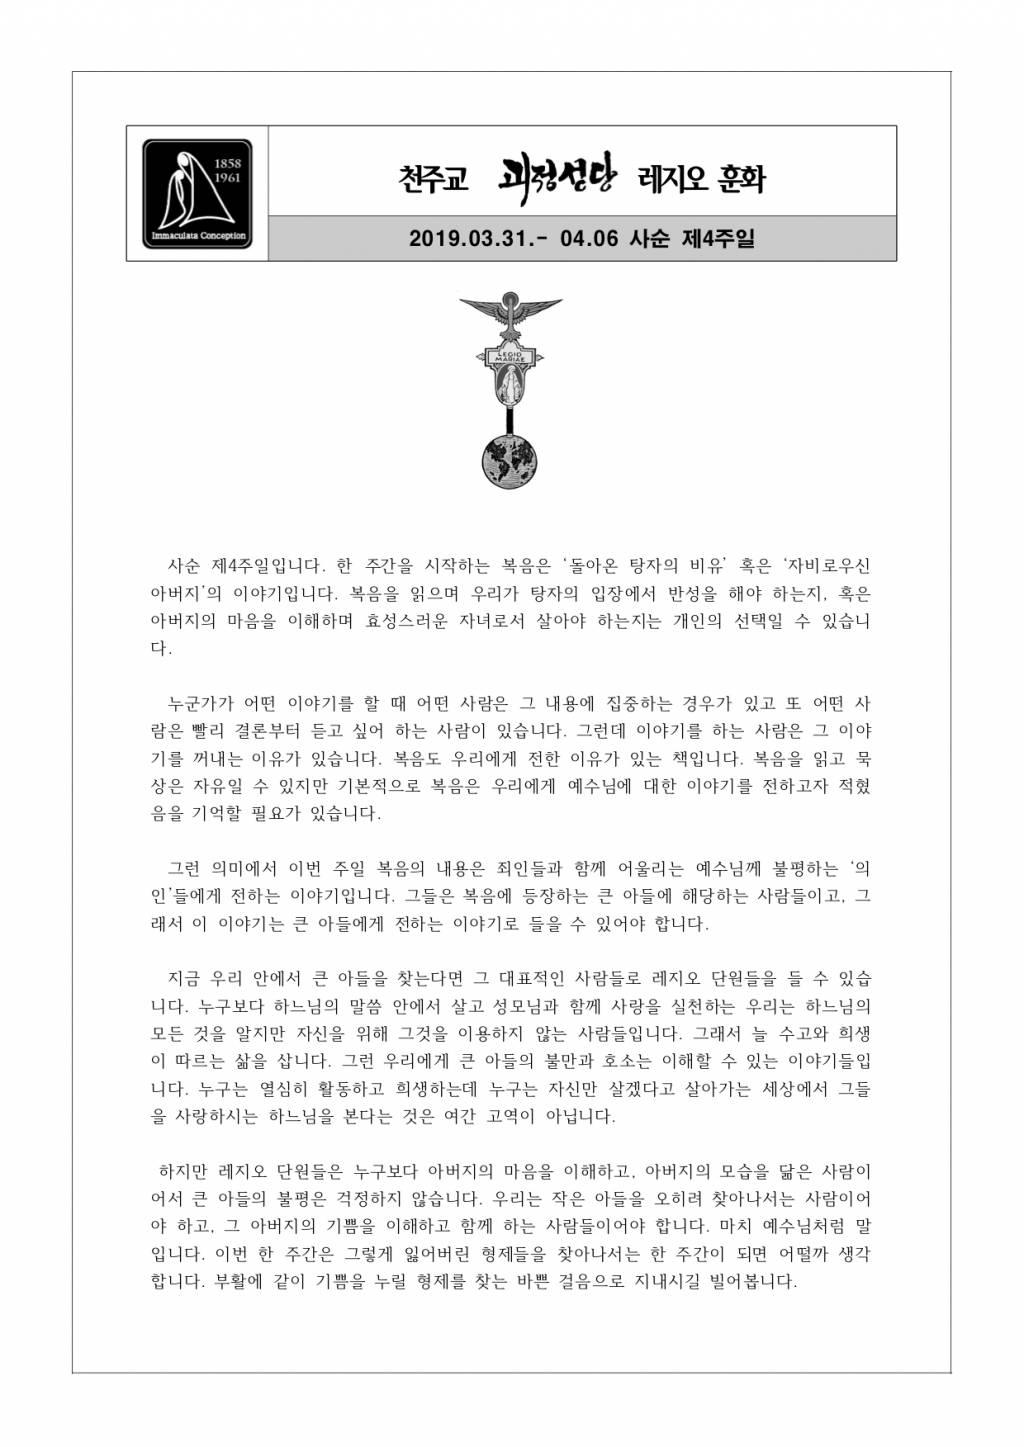 20190331 괴정성당 레지오 훈화.jpg